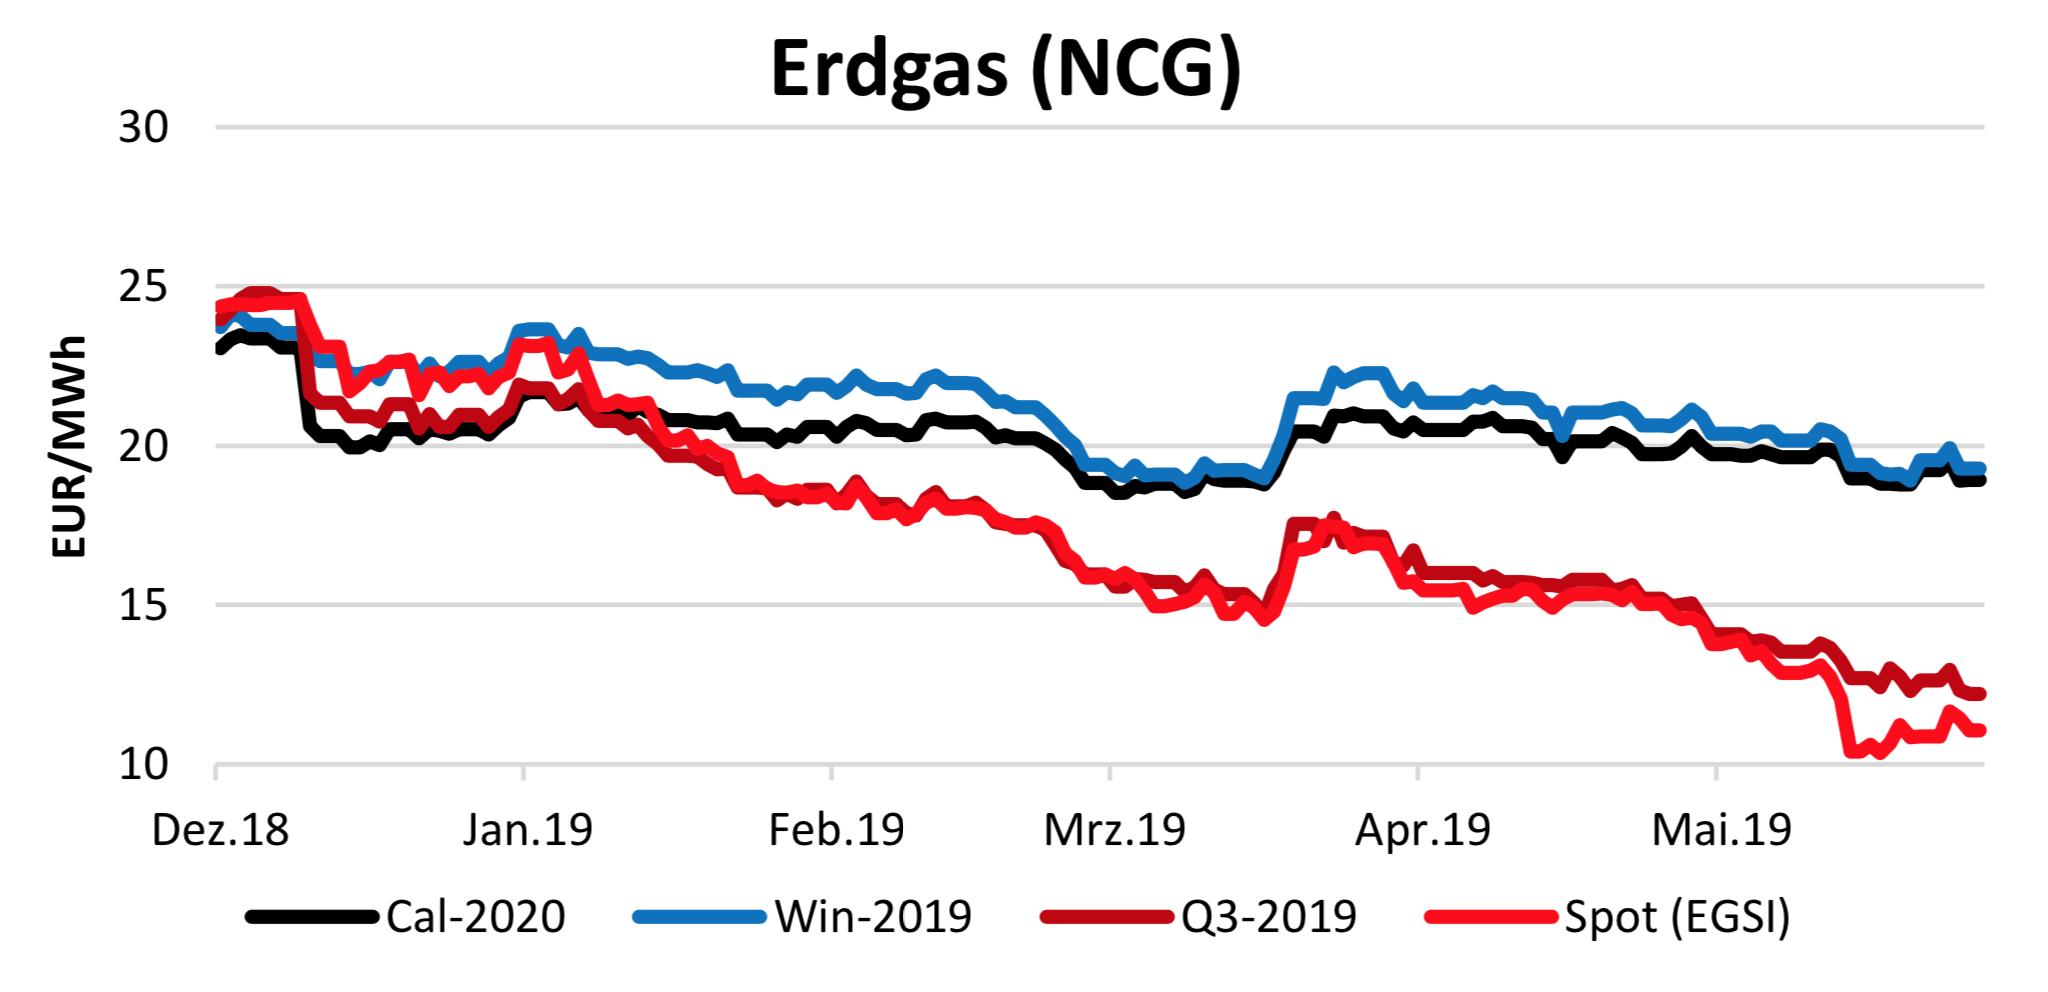 Erdgasverlauf vom 13.6.2019